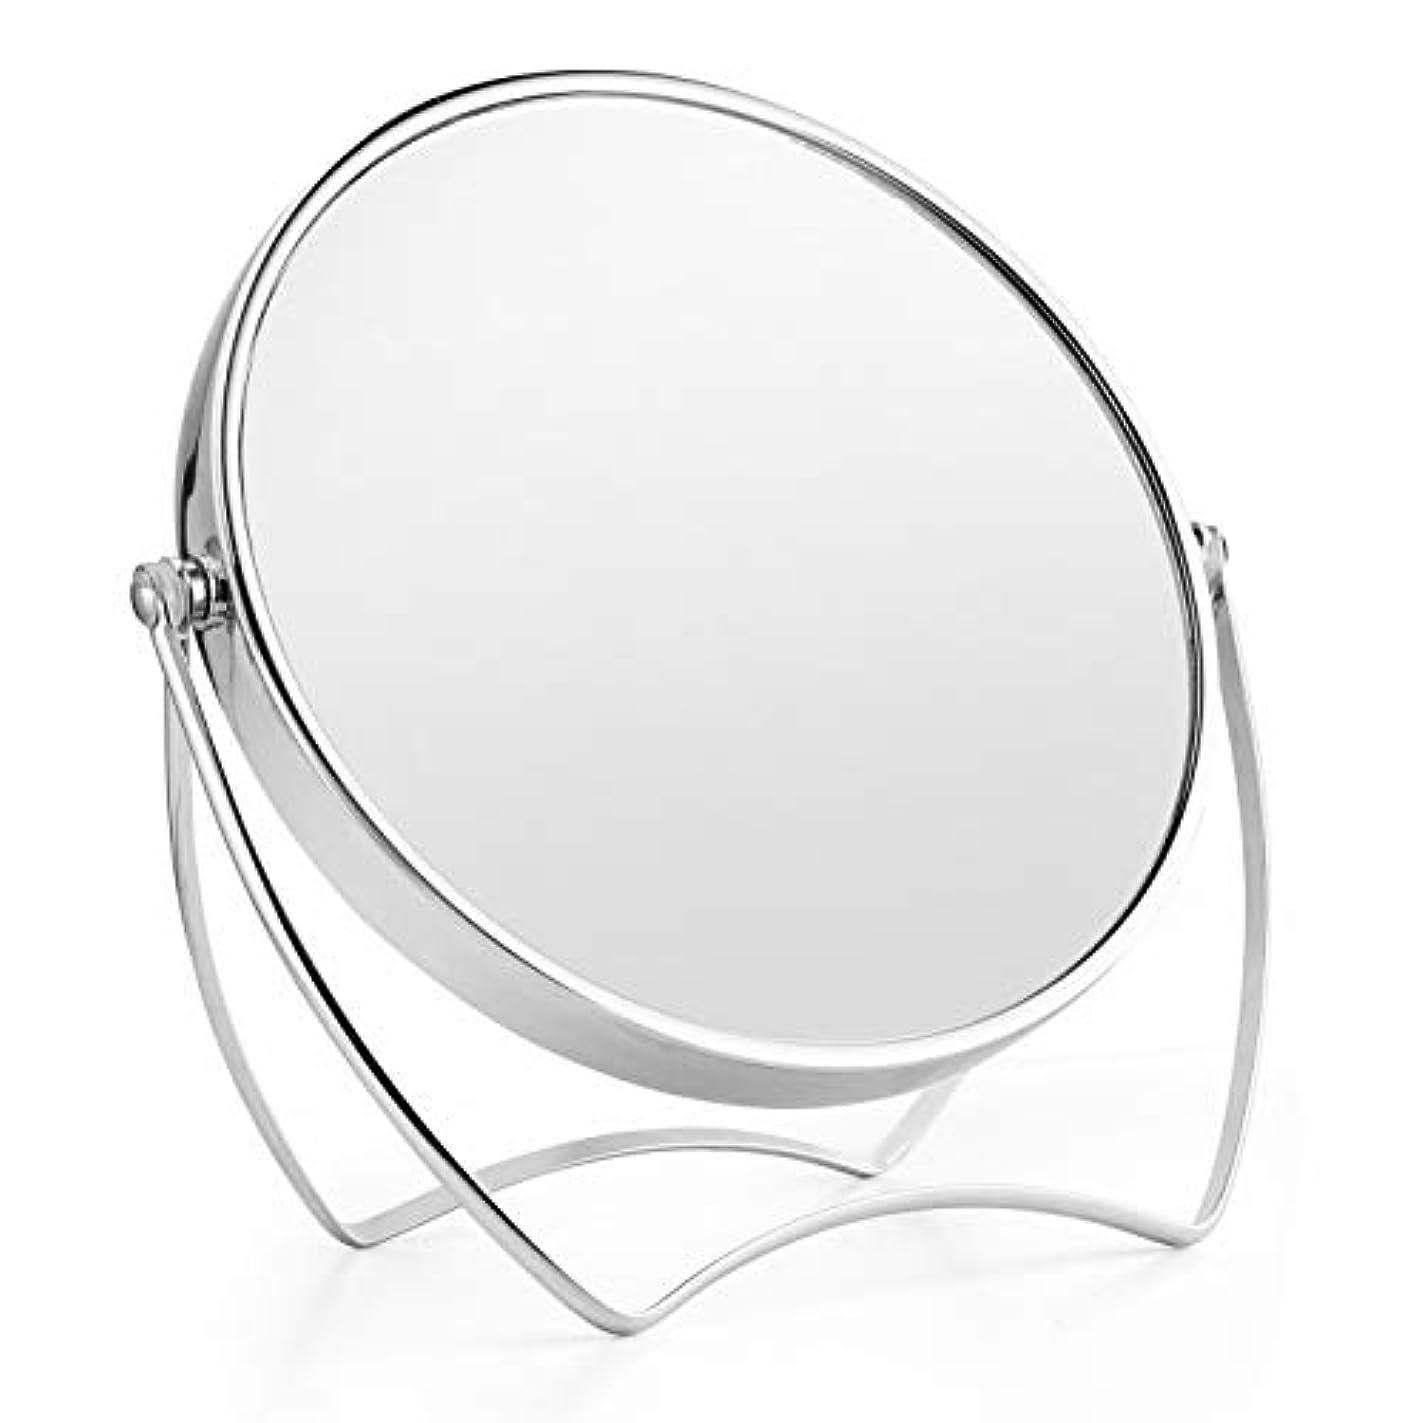 配偶者気分が悪い先祖卓上ミラー 化粧鏡 1倍/5倍拡大鏡 メイクミラー 両面化粧鏡 ラウンドミラー 女優ミラー スタンドミラー 卓上鏡 360°回転ブラケット メタルフレームバニティミラー 寝室や浴室に適しています(15cm)